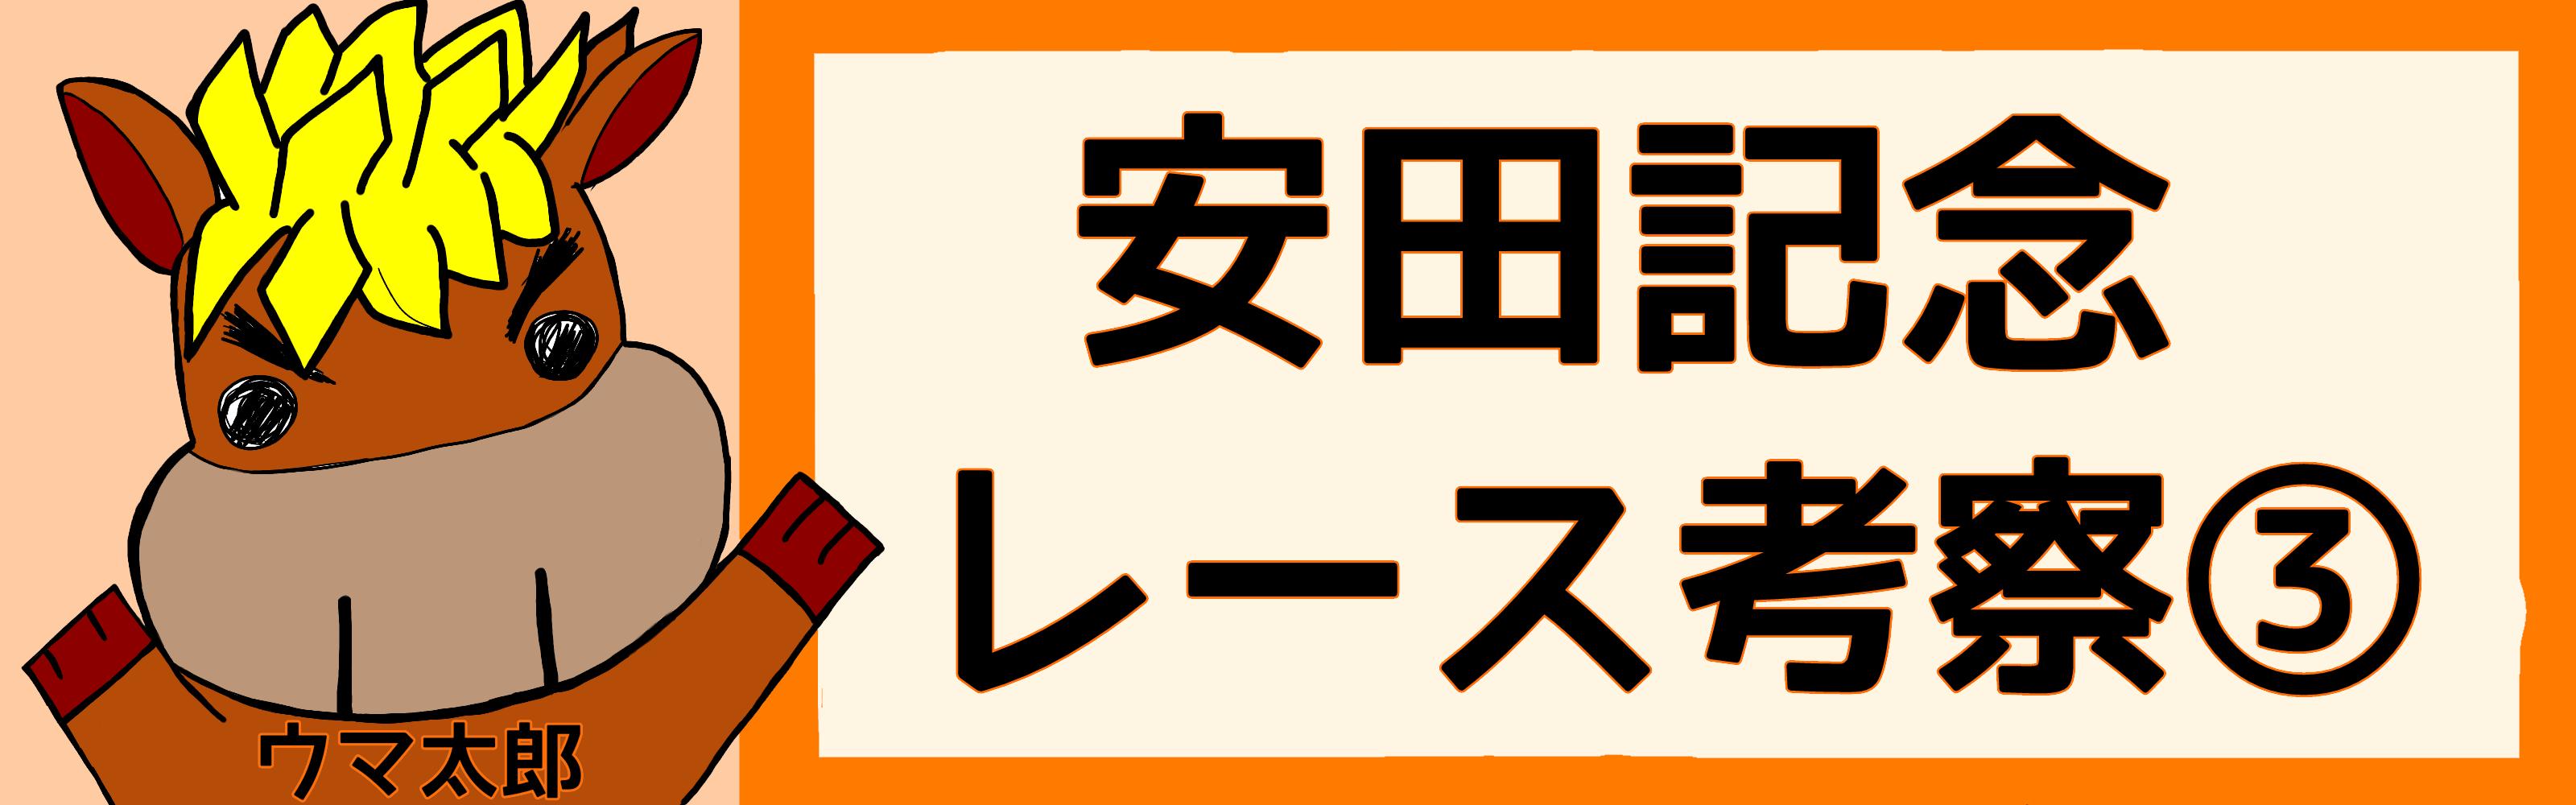 安田記念考察③